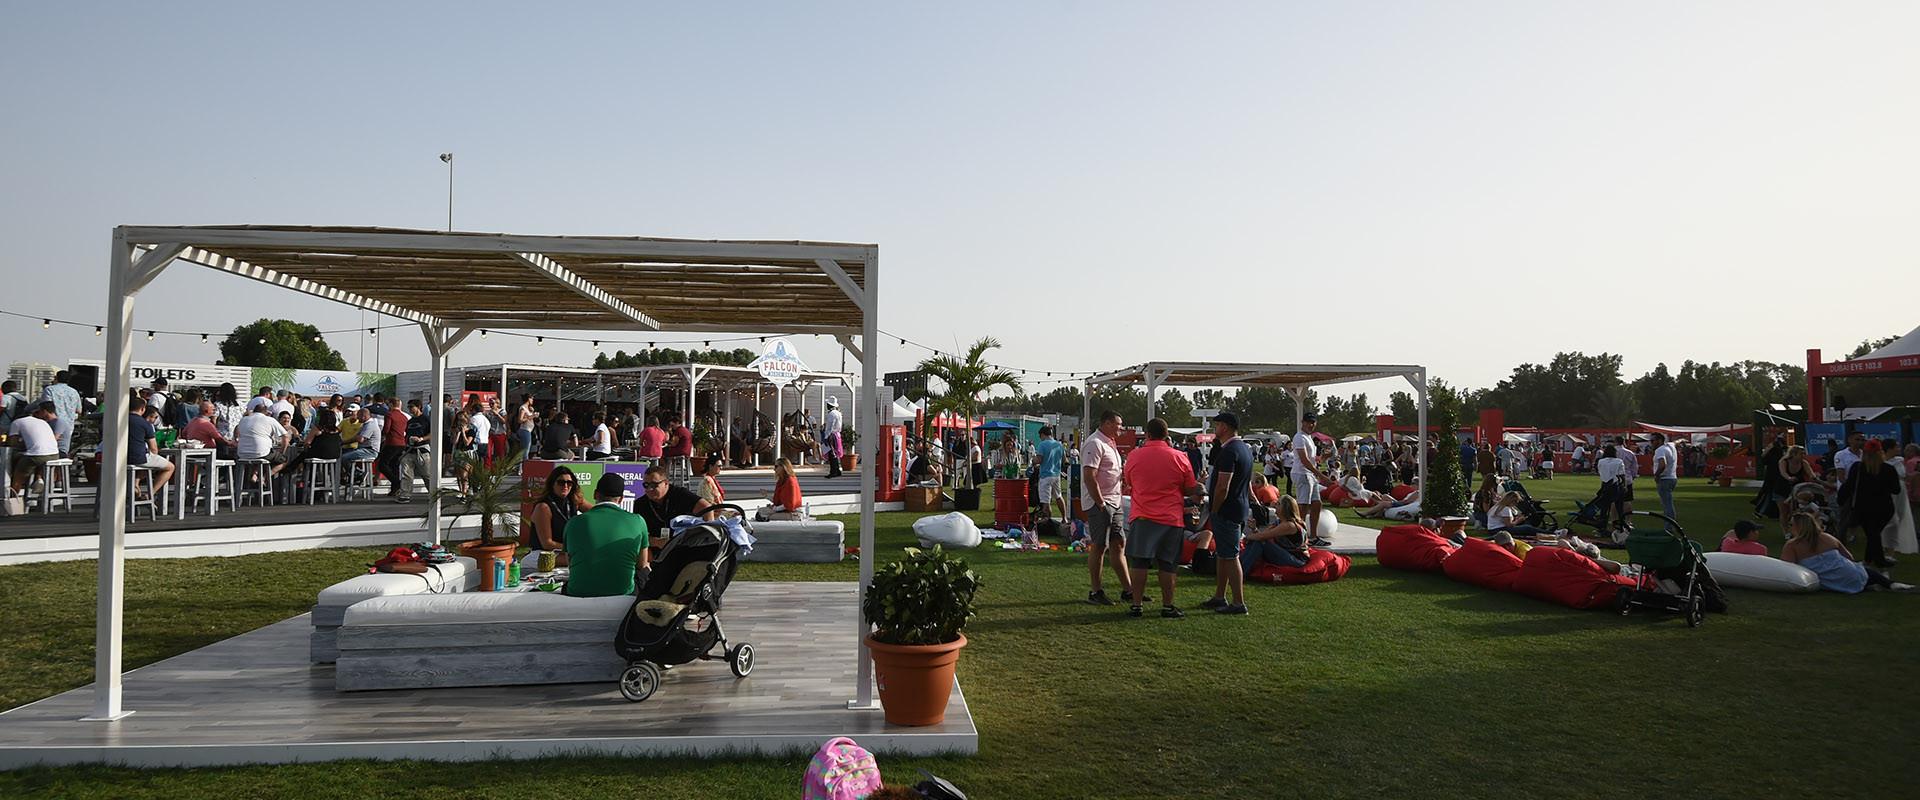 WA3F_Falcon Beach Bar_2019_008.jpg